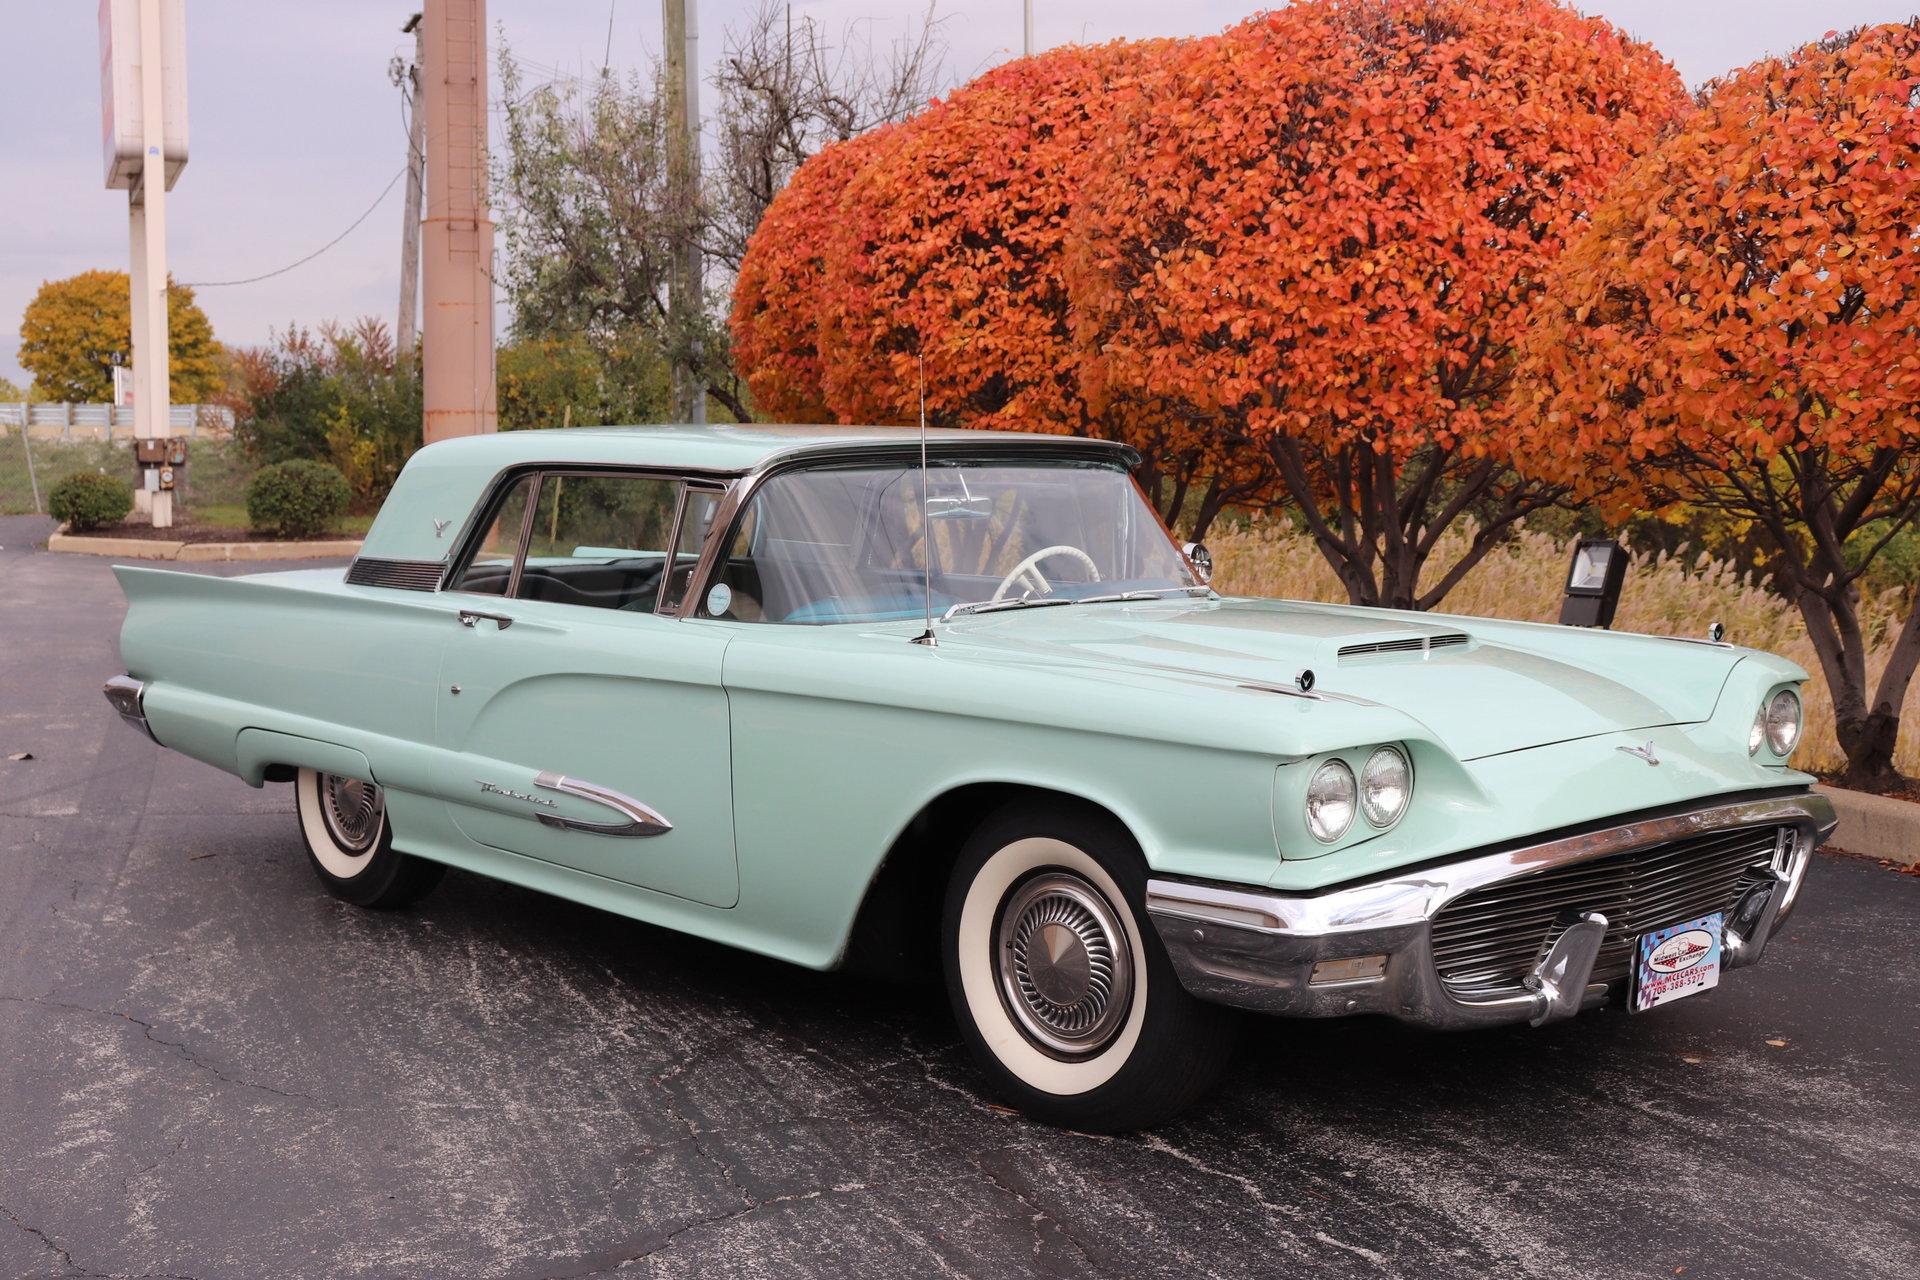 46778f64baf88 hd 1959 ford thunderbird